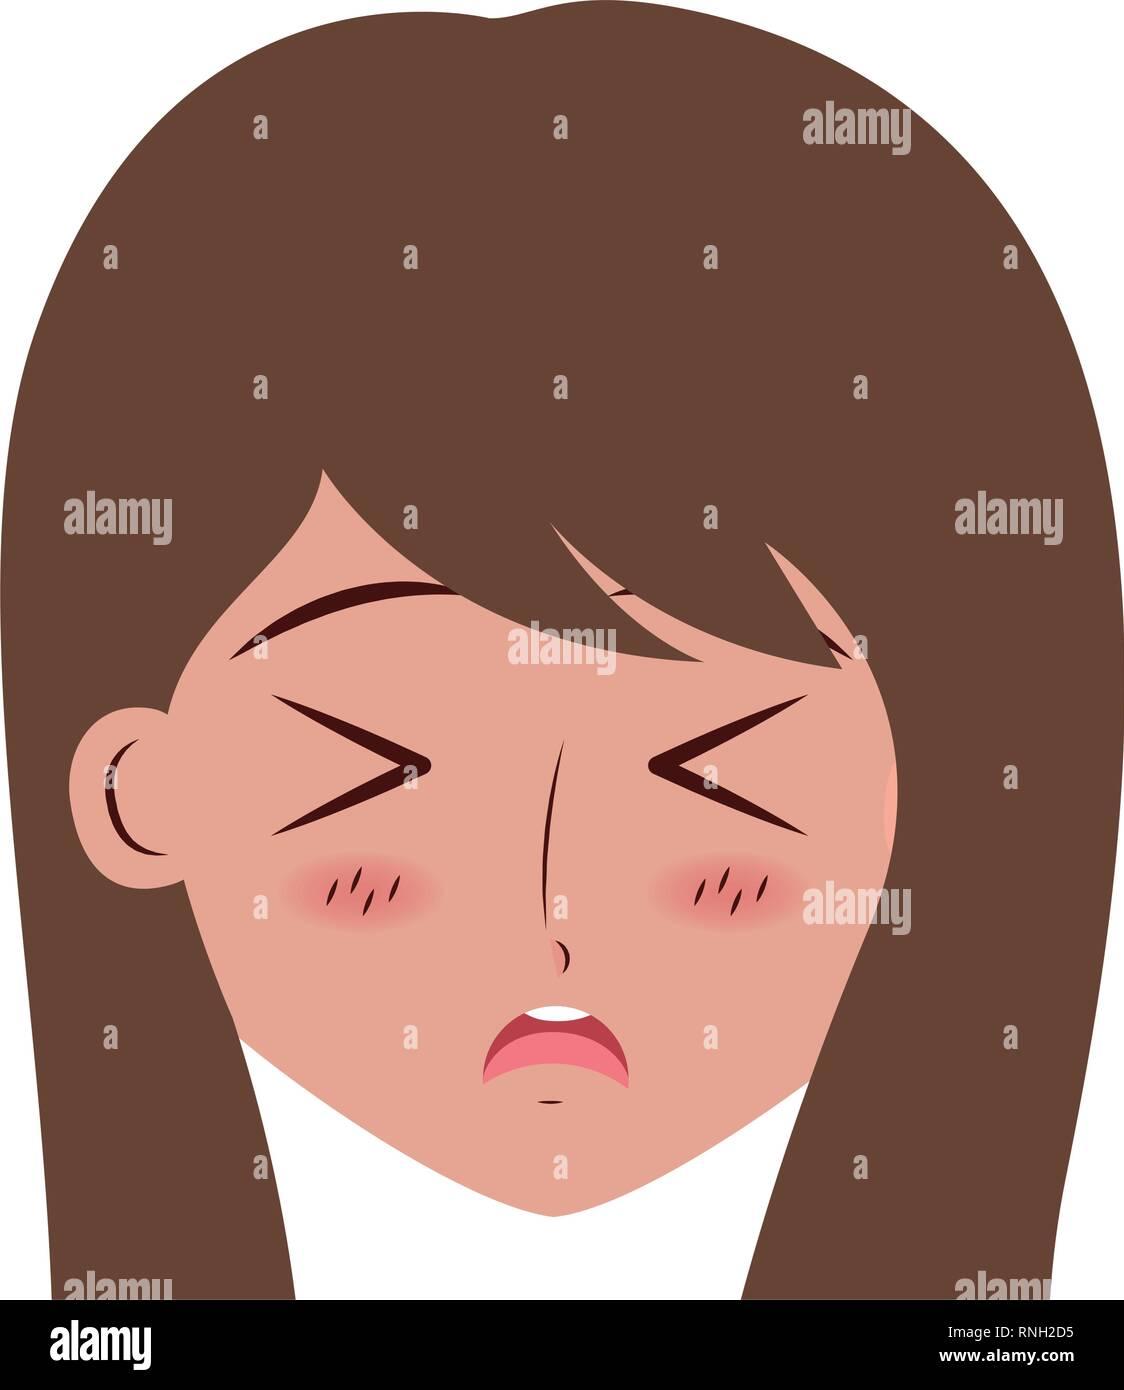 Sad Cartoon Face Stock Photos Sad Cartoon Face Stock Images Alamy